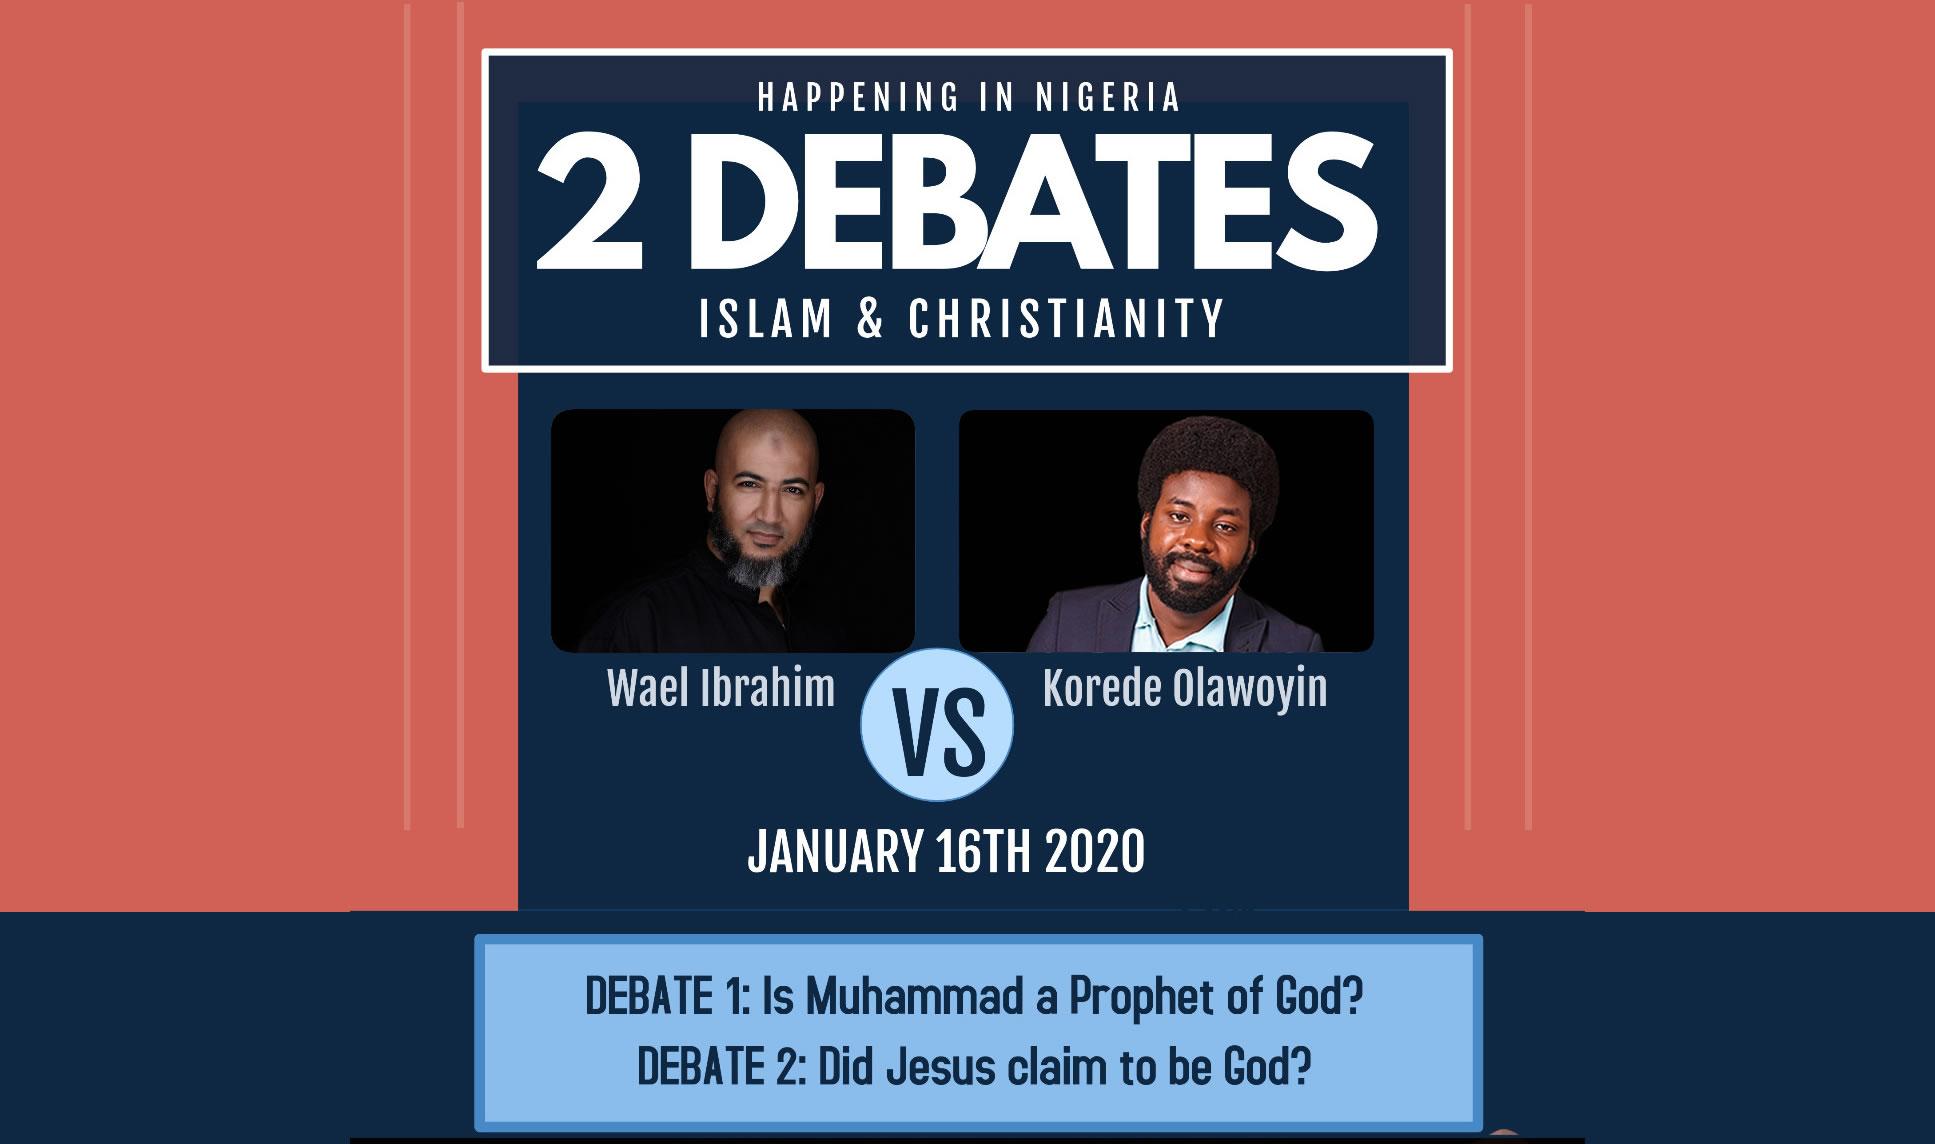 Korede and Wael debate